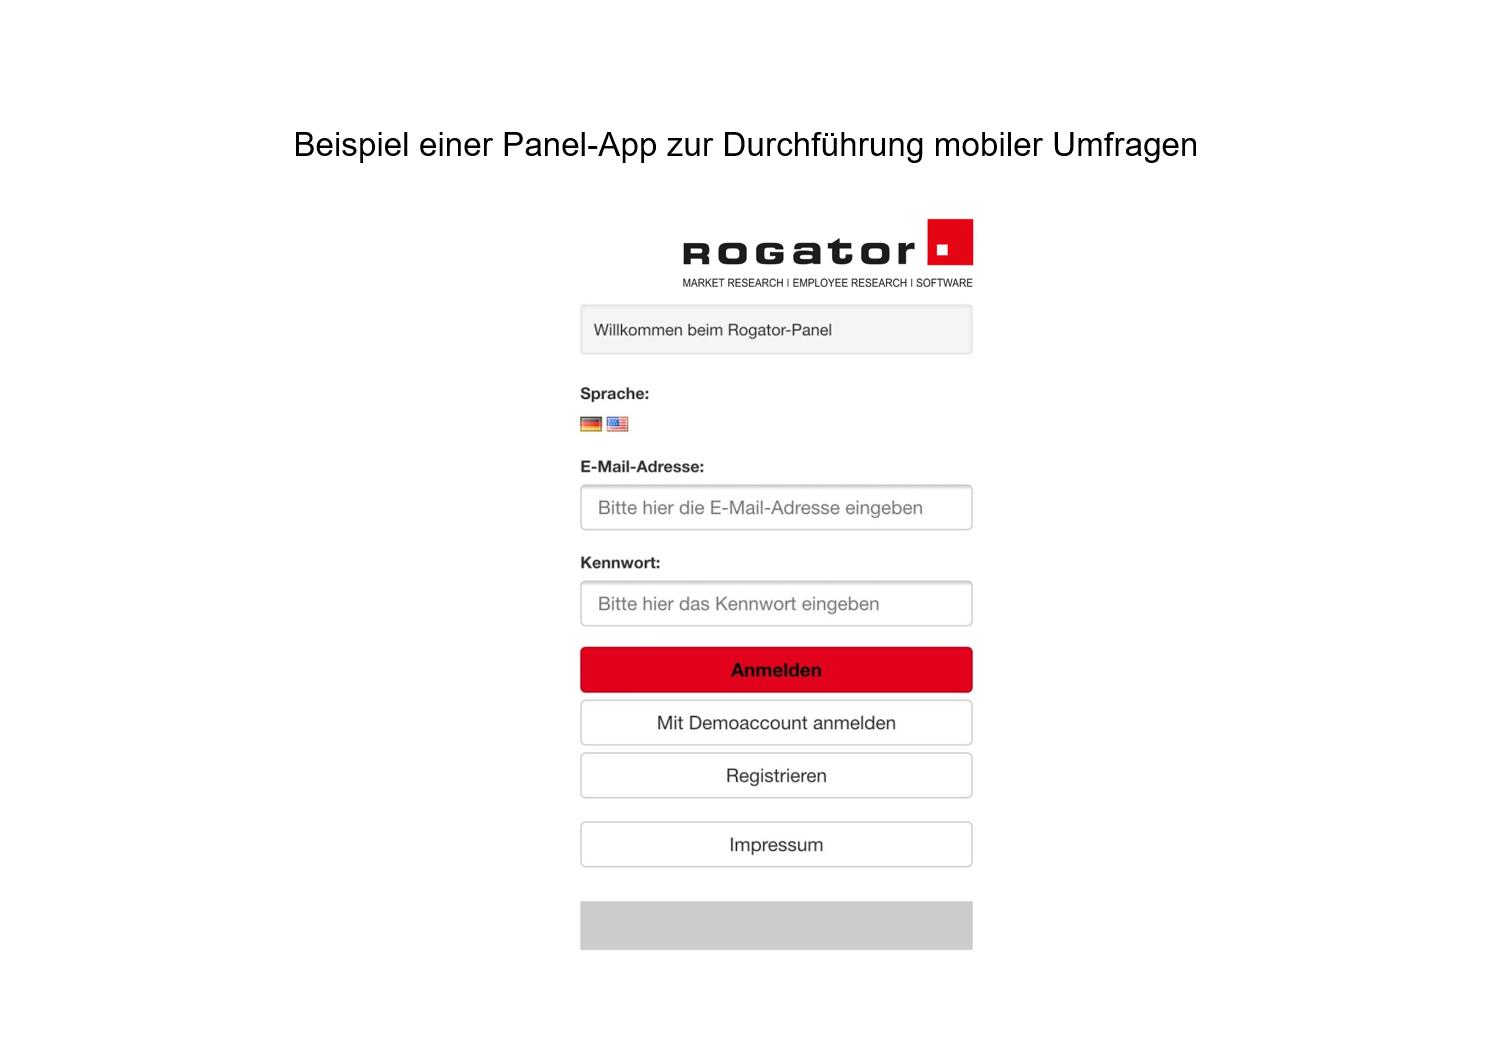 Beispiel Panel App mobile Umfrage